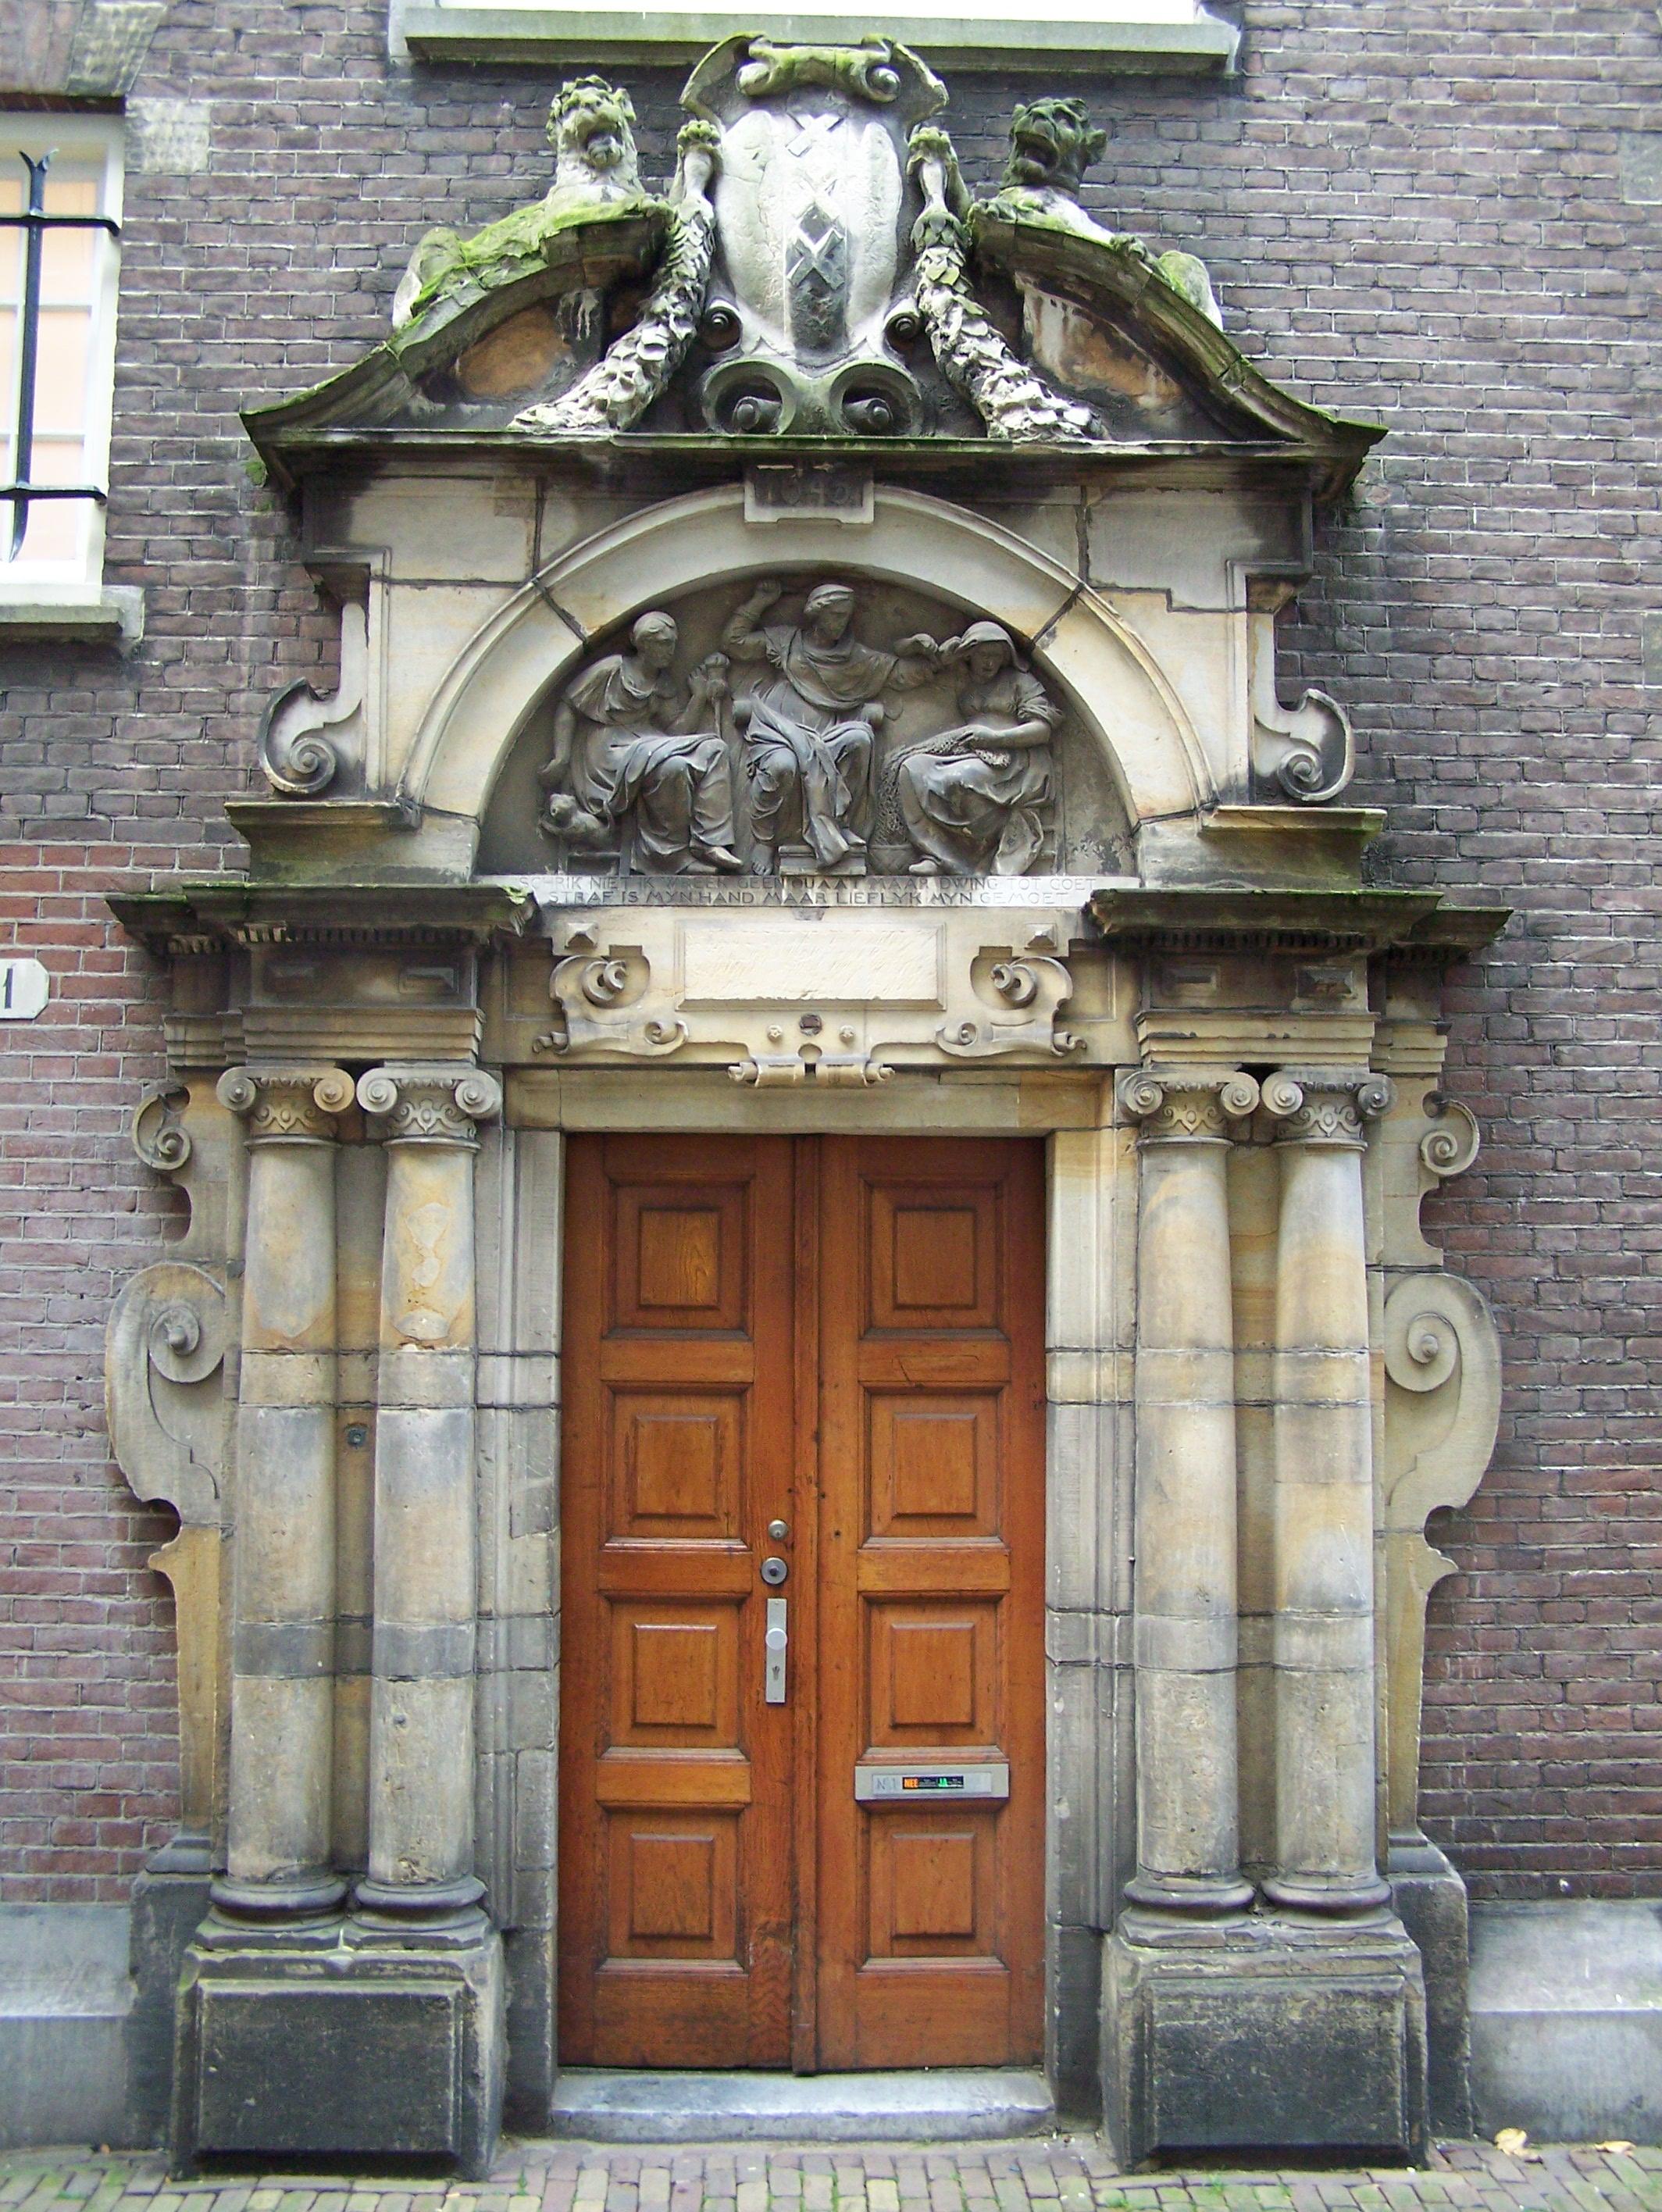 Spinhuis (Amsterdam)